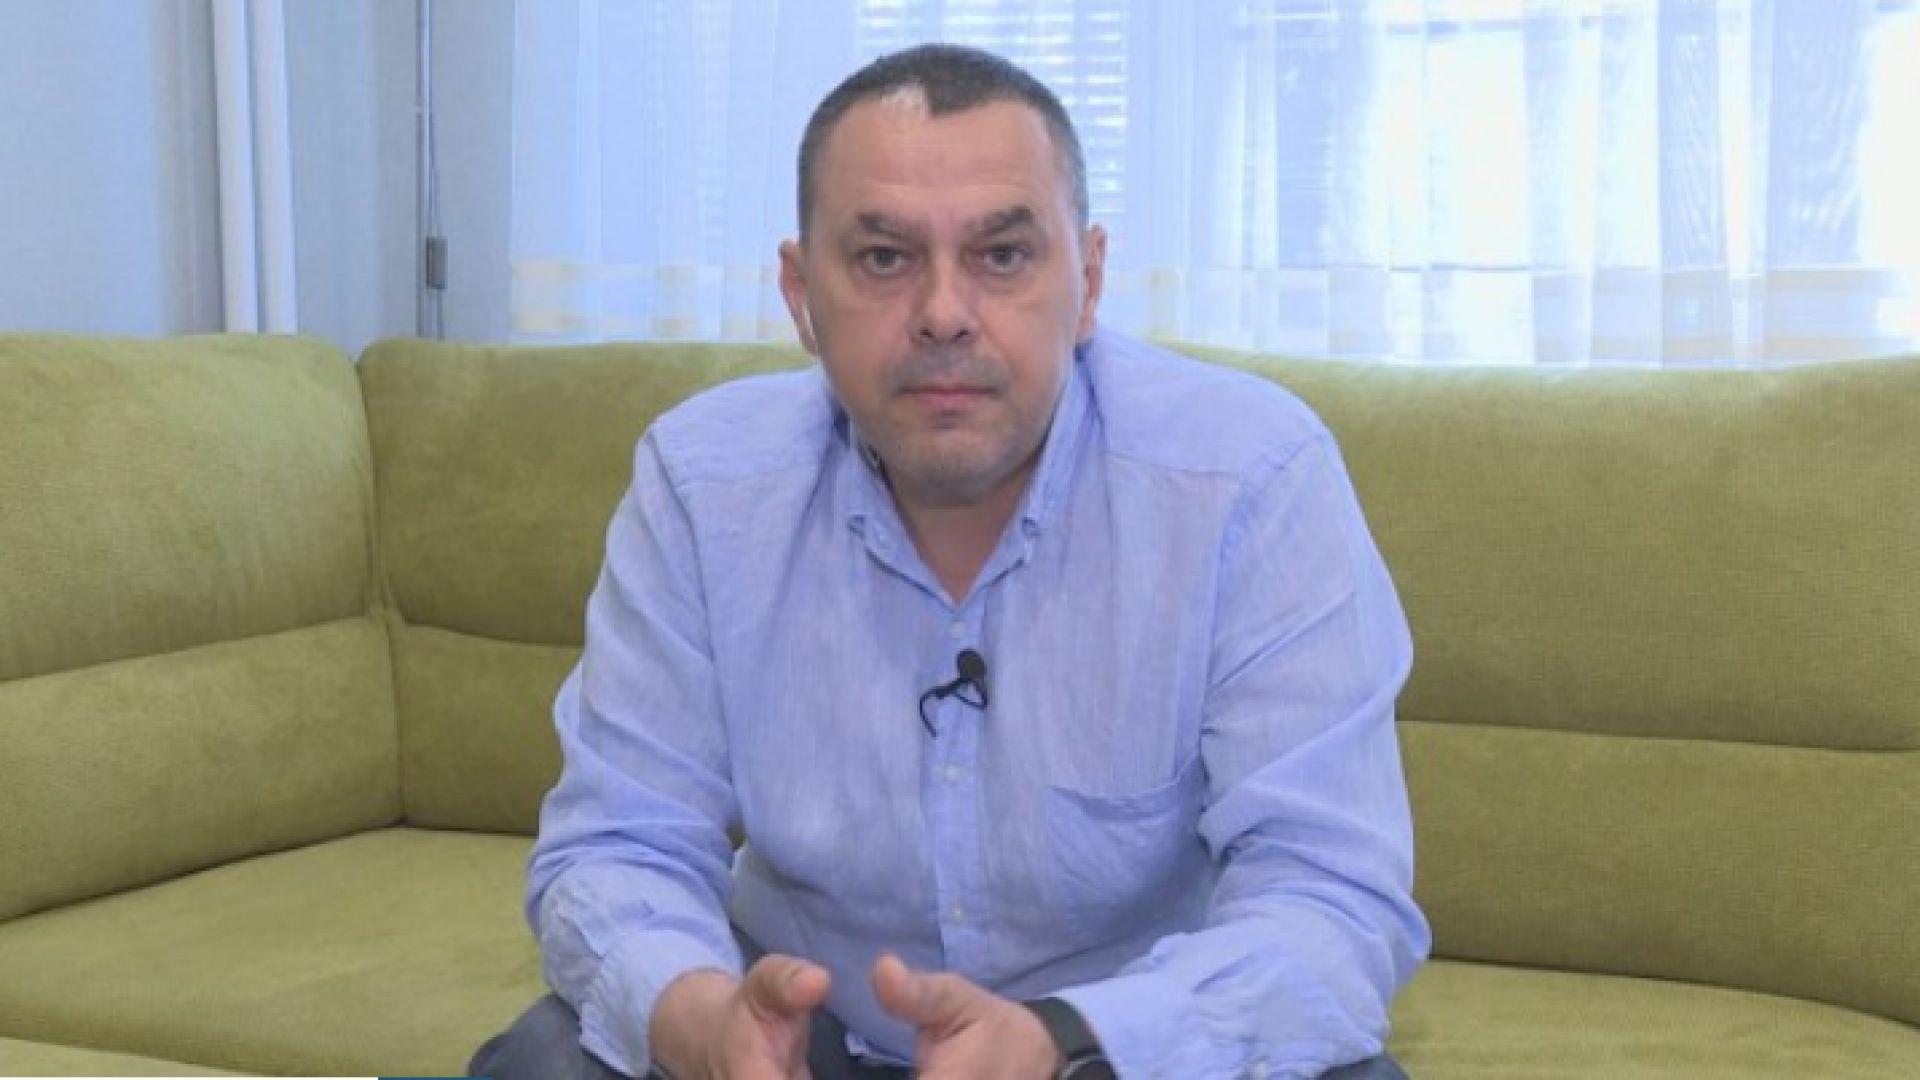 """Бившият шеф на """"Вътрешна сигурност"""" в МВР: Дисциплинарката срещу мен е, за да променя показанията си"""